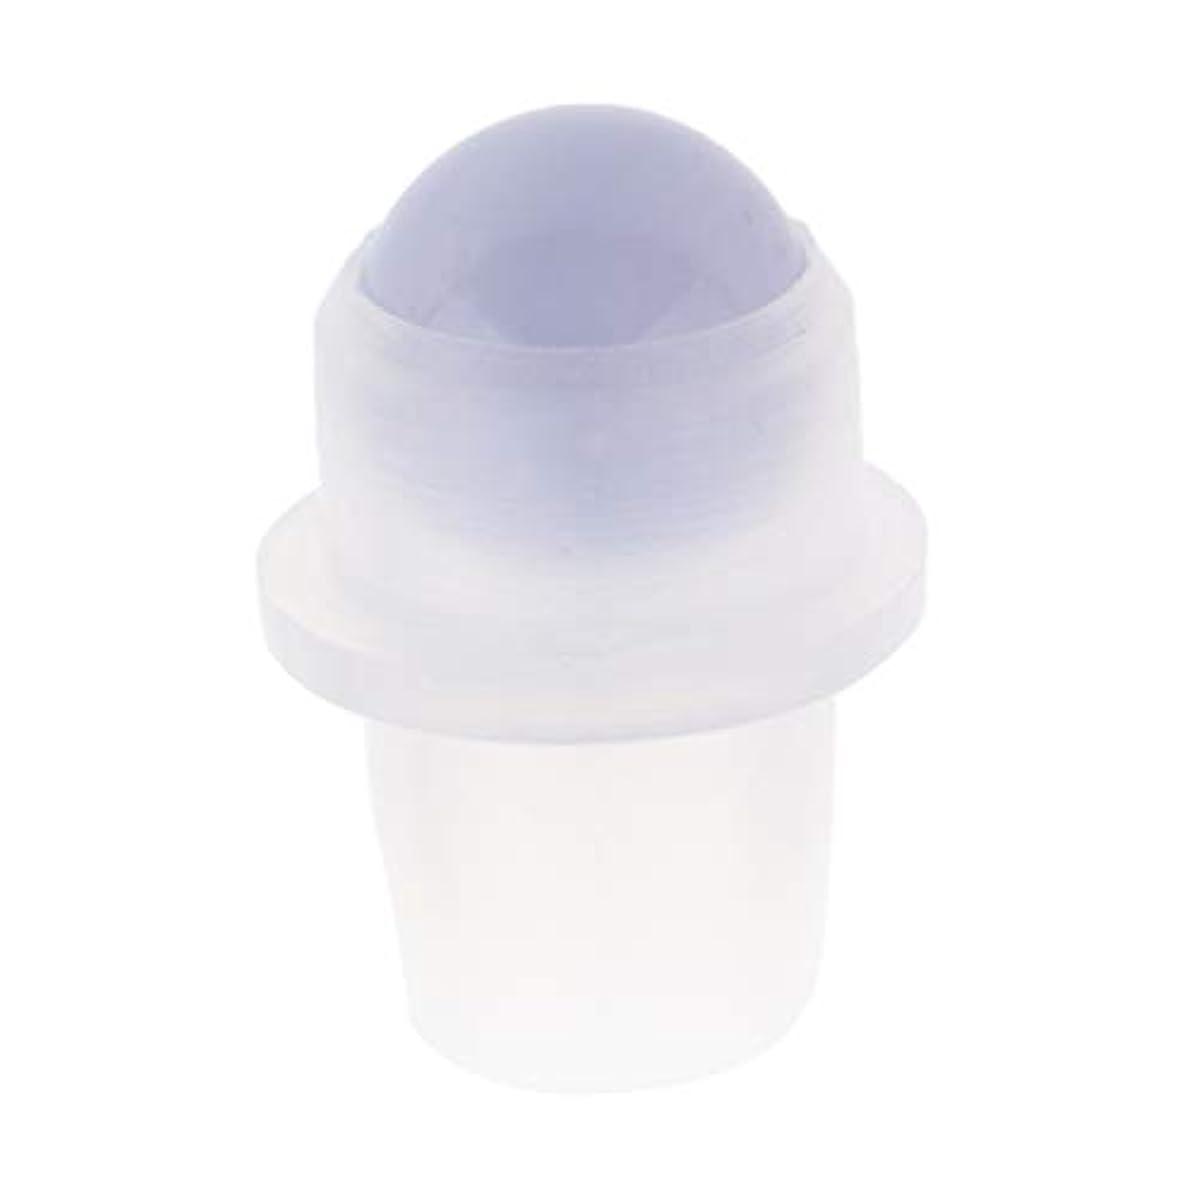 全員アイザック染色エッセンシャルオイル ローラーボールトップ ローラーボールの付属品 交換用トップス ロールオンボトル